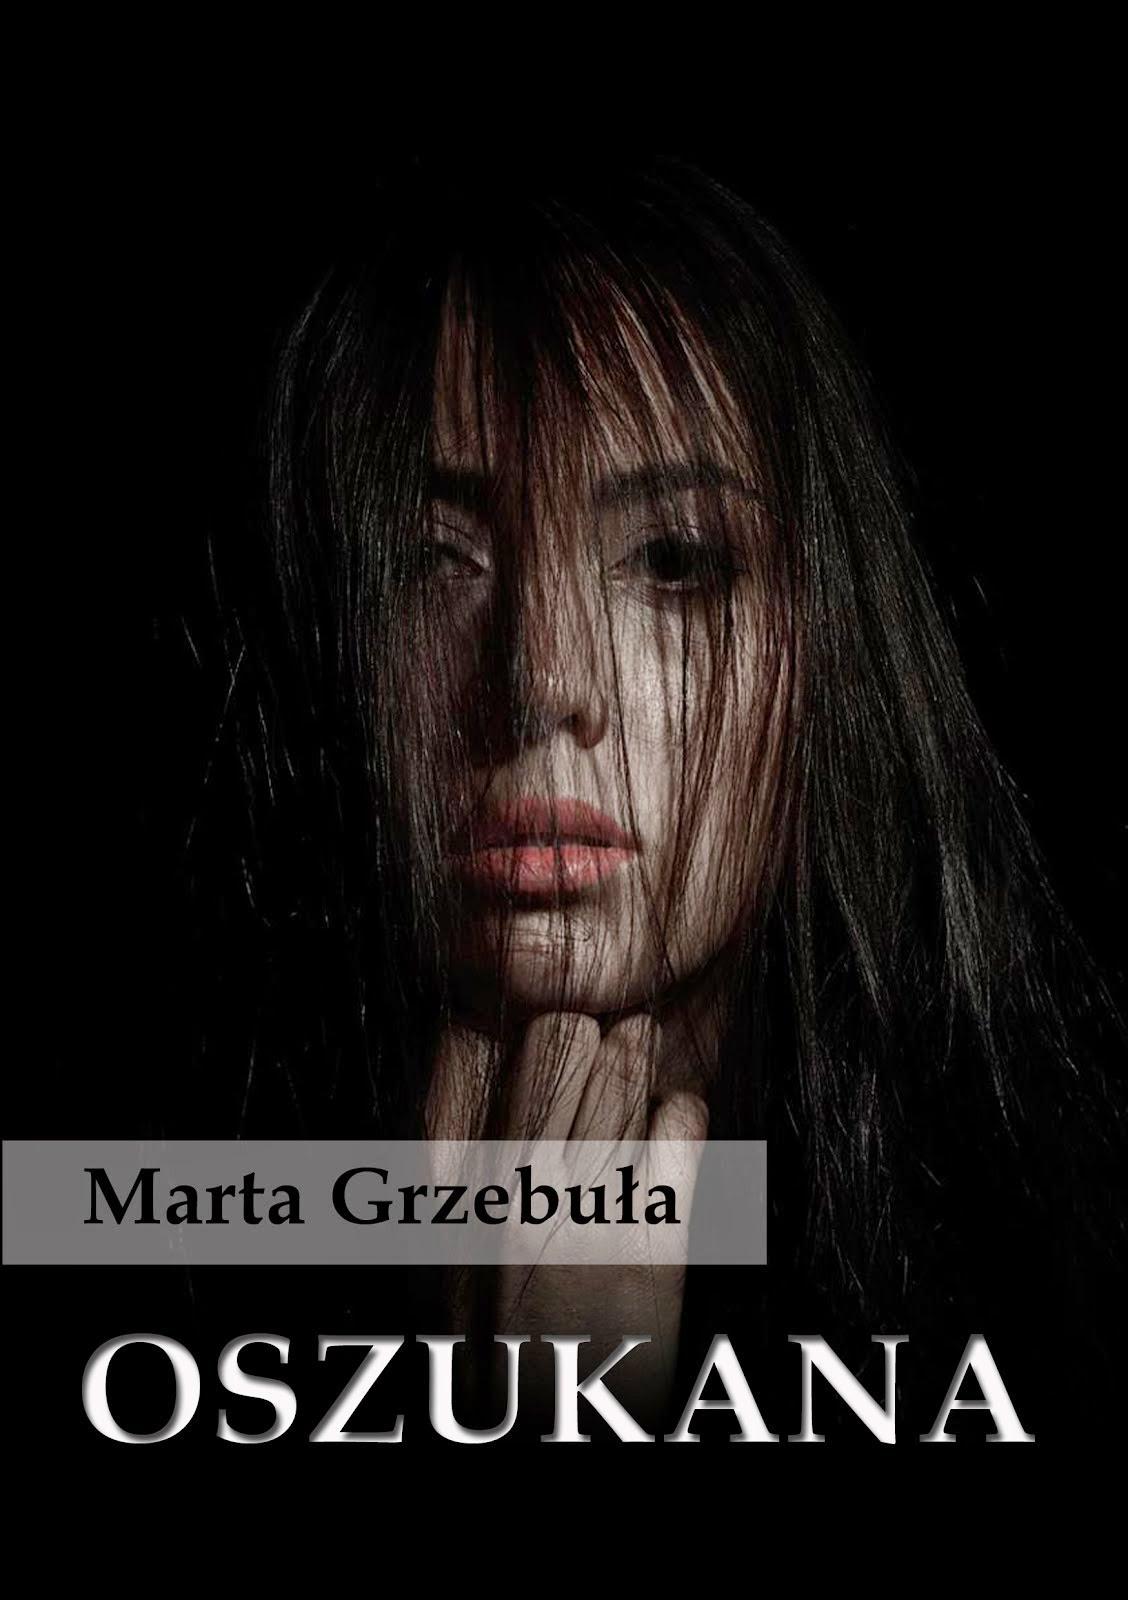 Marta Grzebuła - Oszukana